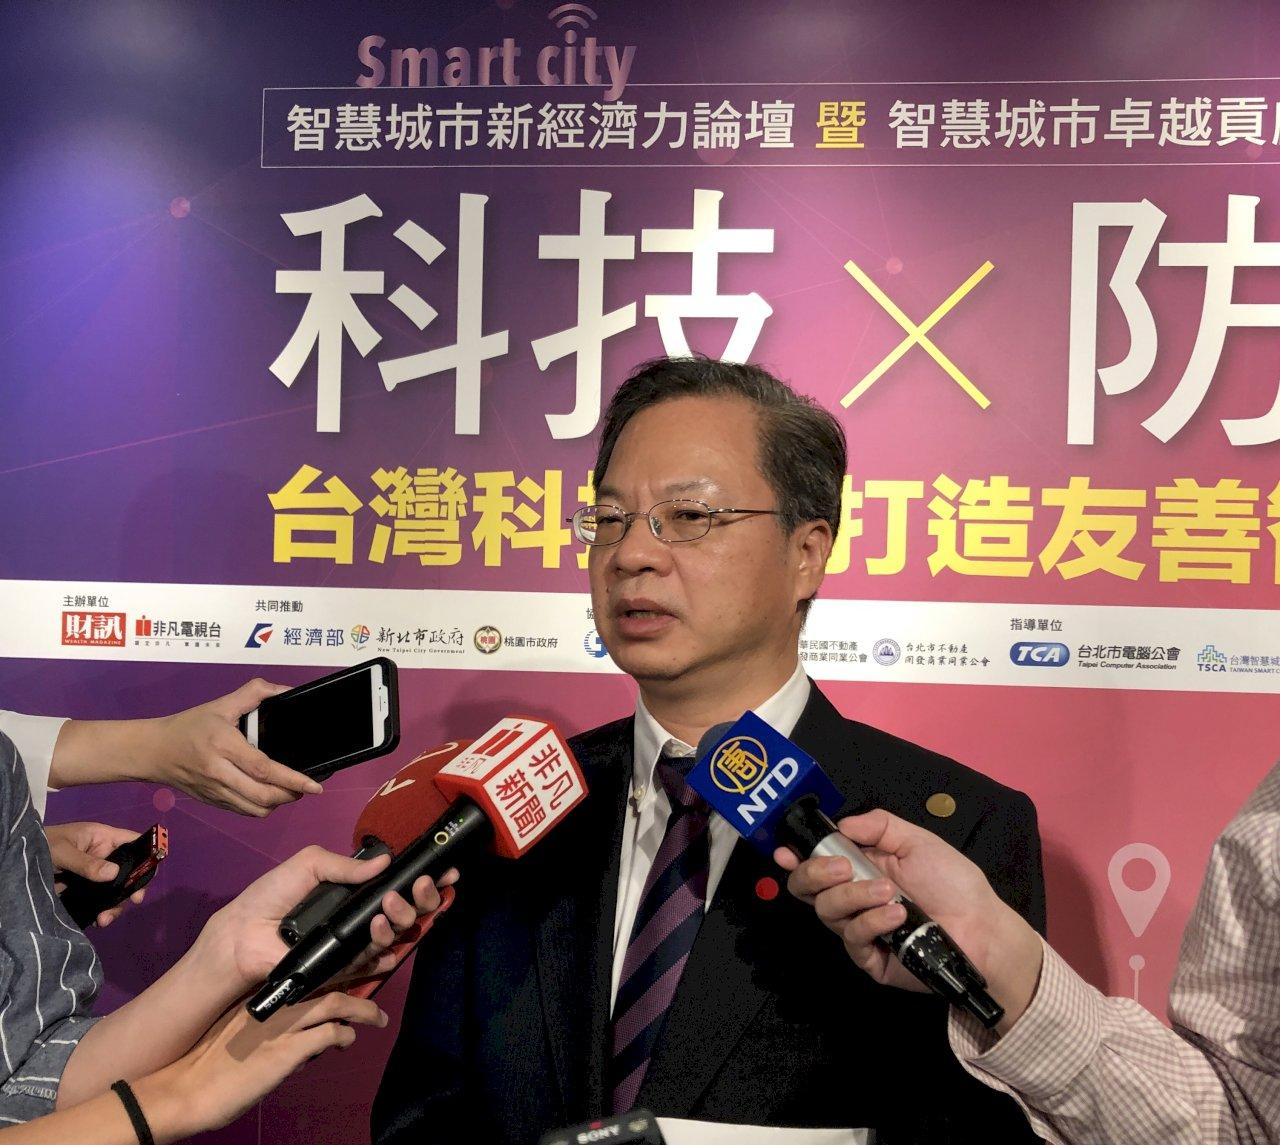 華為禁令衝擊台廠 龔明鑫評估只是短期影響